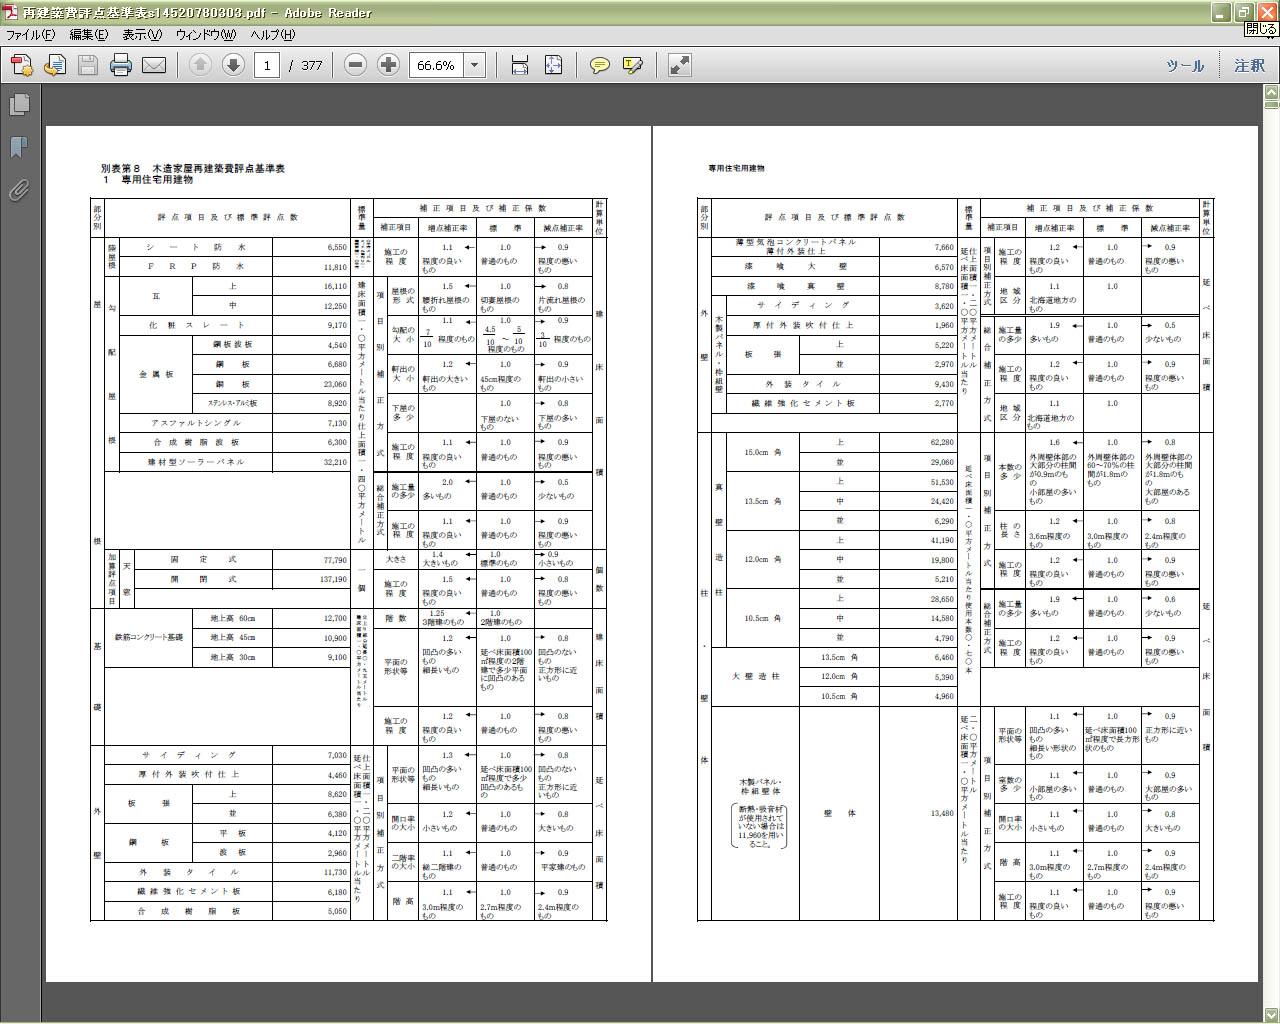 建物評価額の算定根拠となる 「再建築費評点基準表」